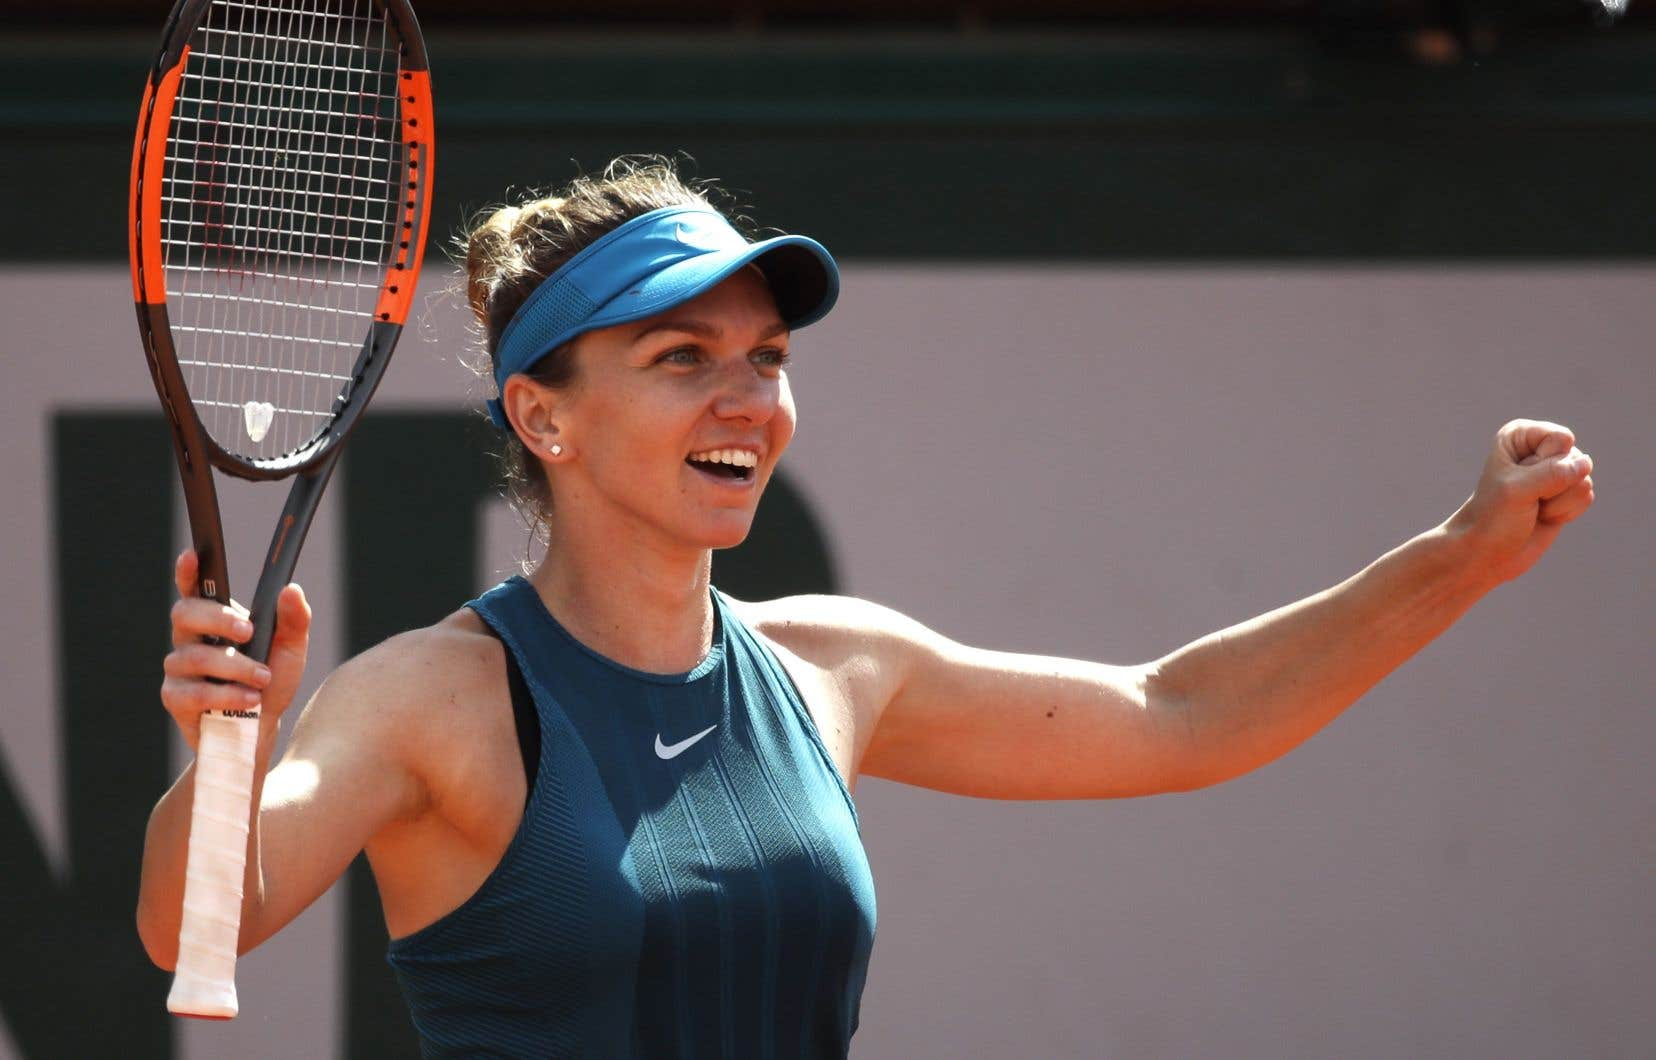 Deux fois finaliste à Roland-Garros, incluant l'an dernier, Simona Halep a remporté son billet grâce à une convaincante victoire de 6-1, 6-4 contre l'Espagnole Garbine Muguruza, championne du tournoi en 2016.